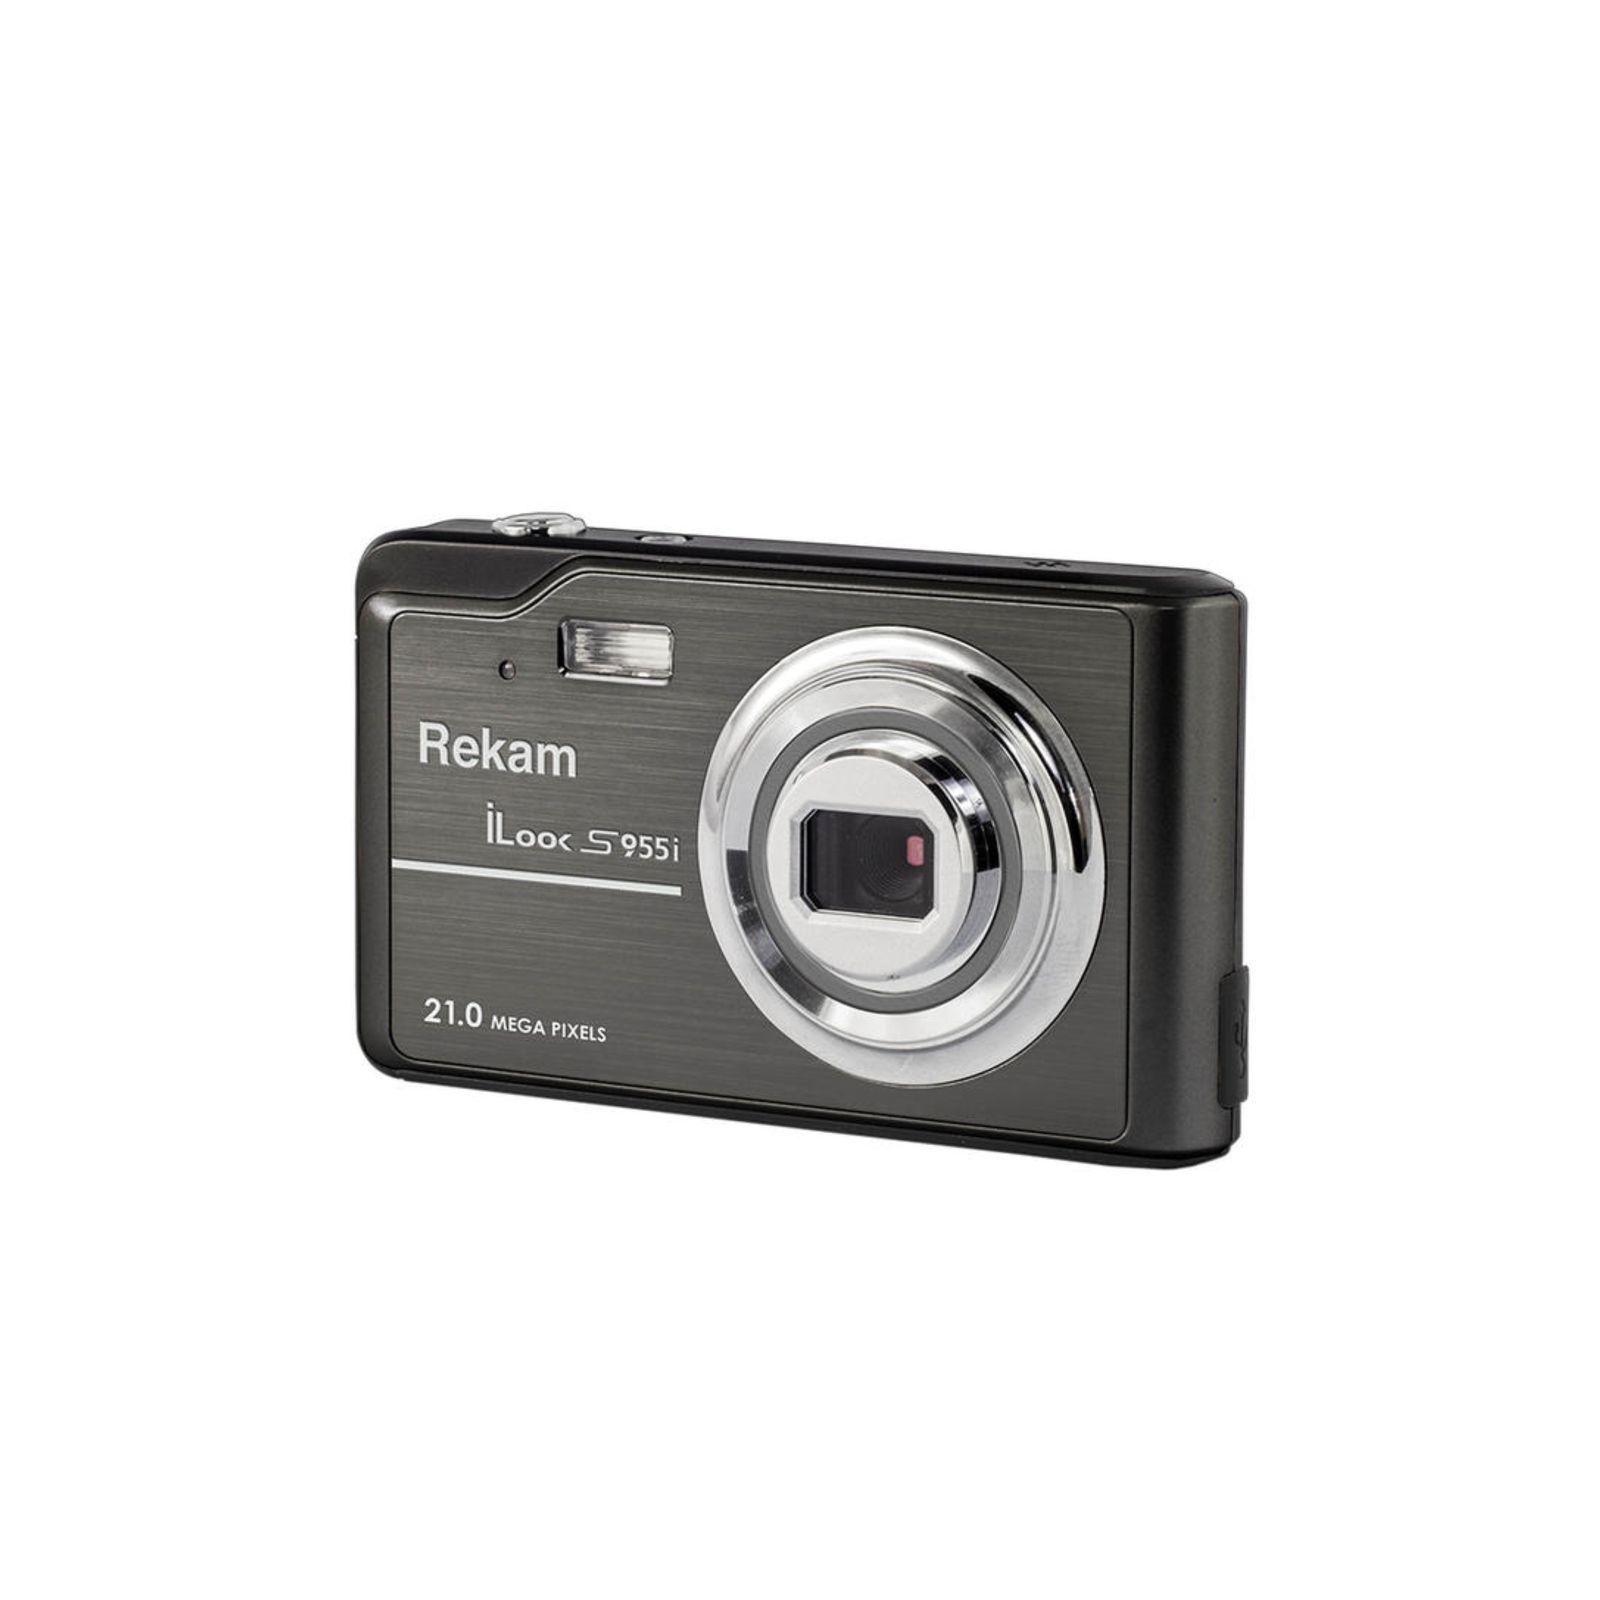 Цифровой фотоаппарат Rekam S955 c функцией видеосъемки